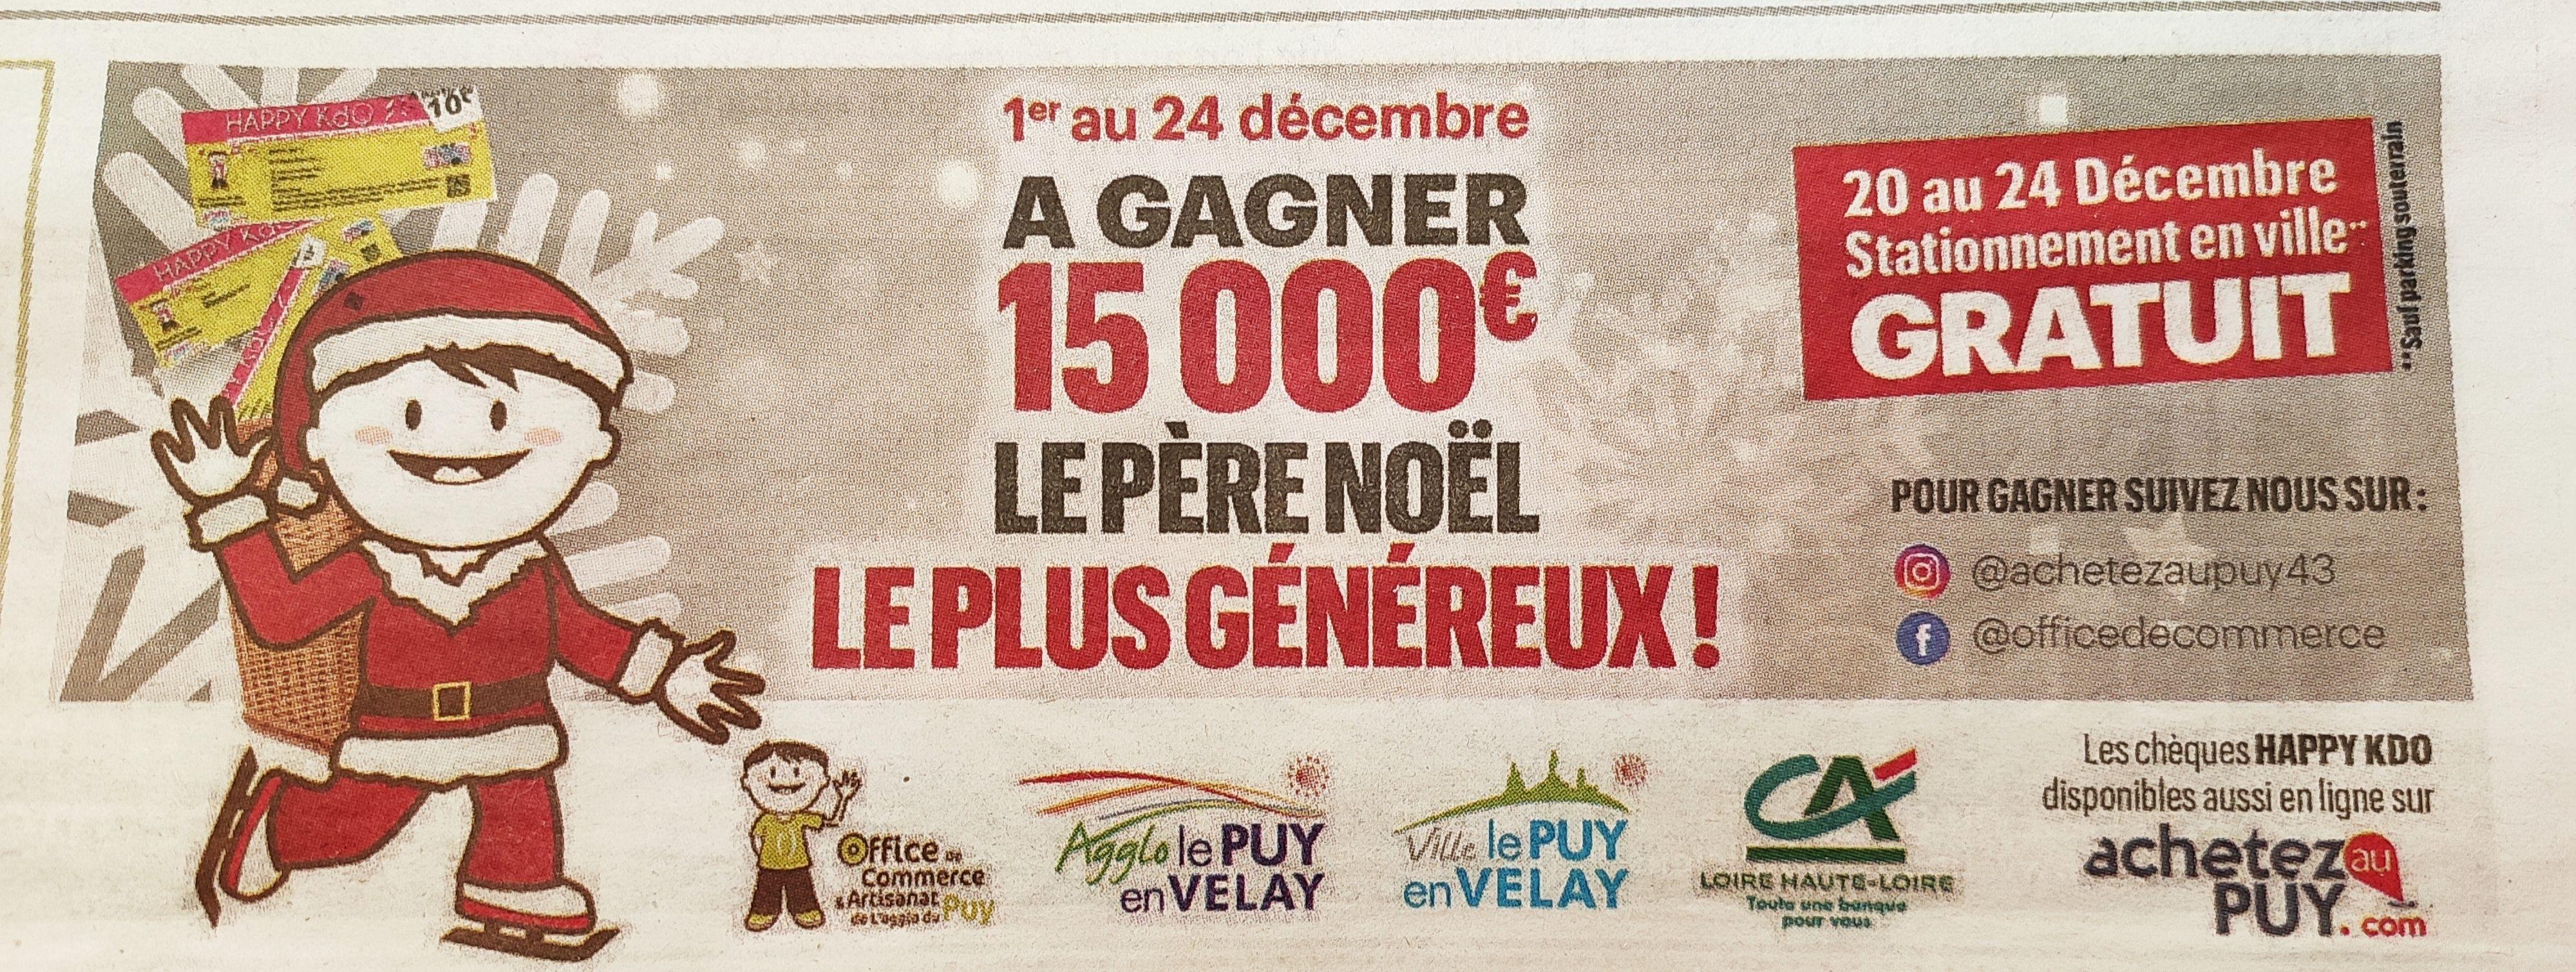 Stationnement gratuit en ville - Puy-en-Velay (43)